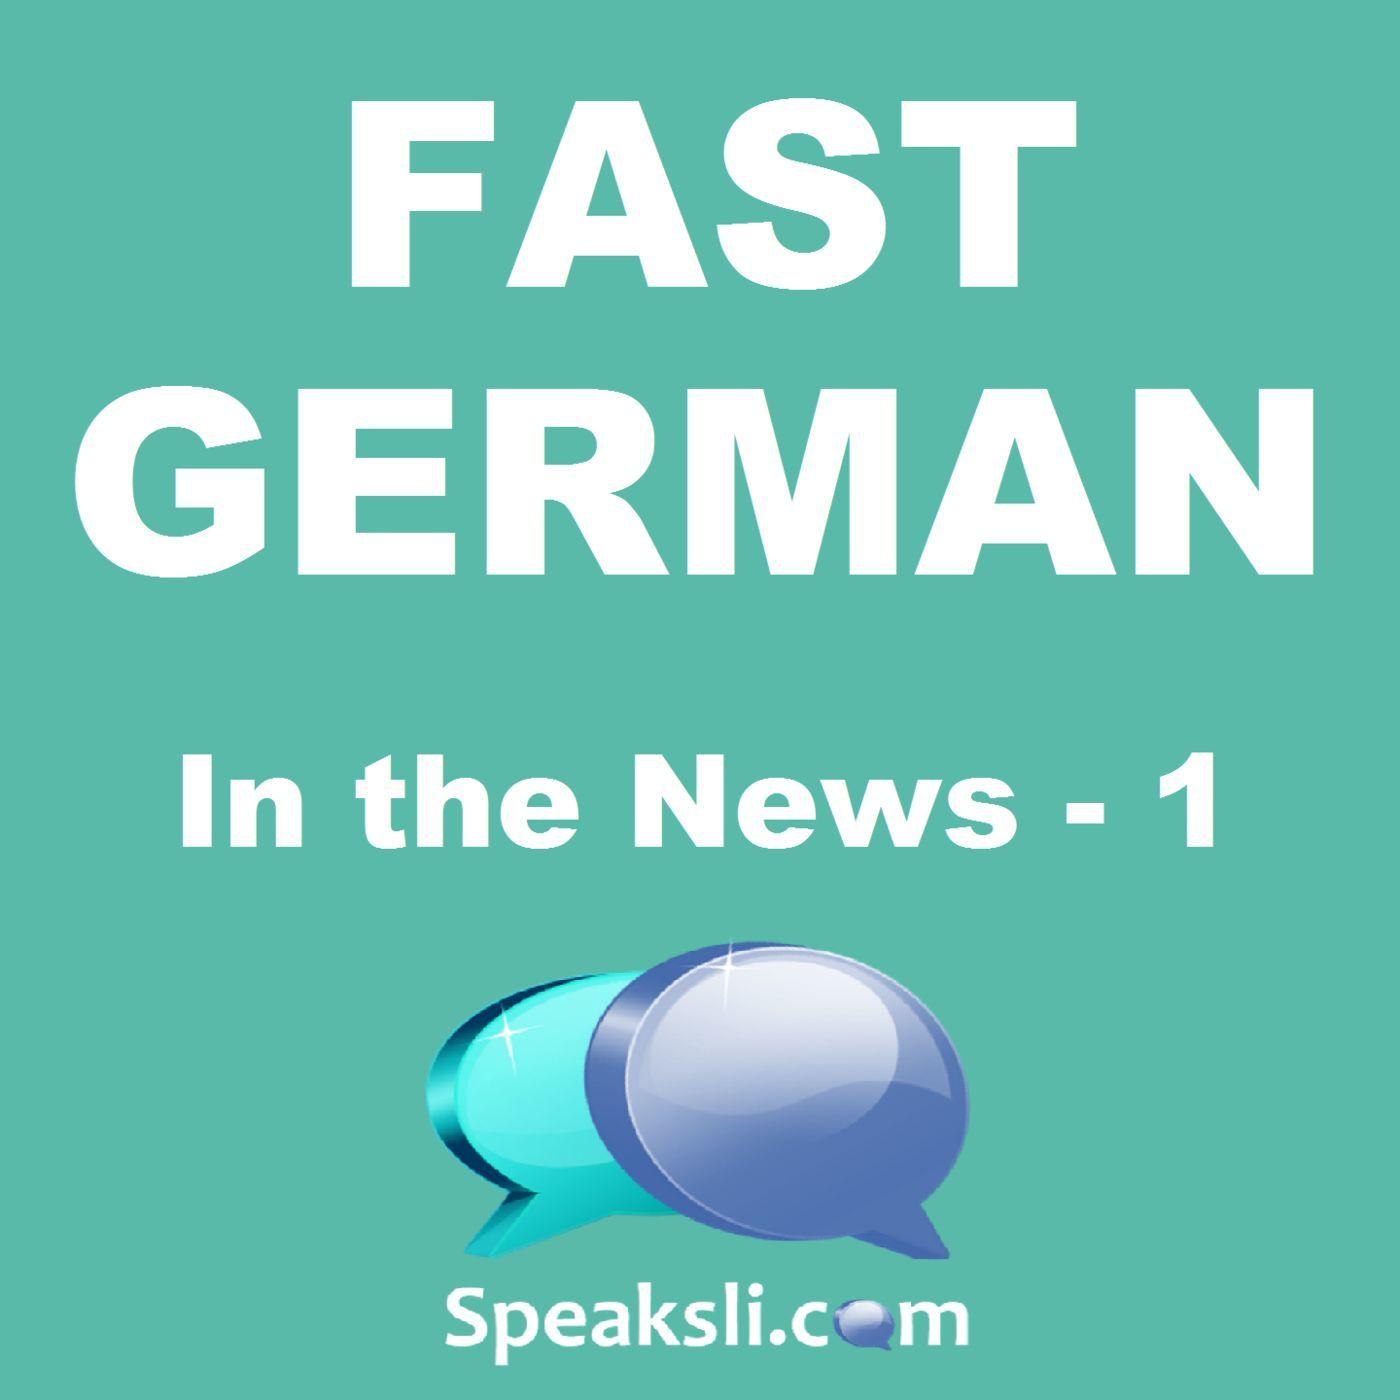 Ep. 36: German in the News - 1 | Fast German | Speaksli